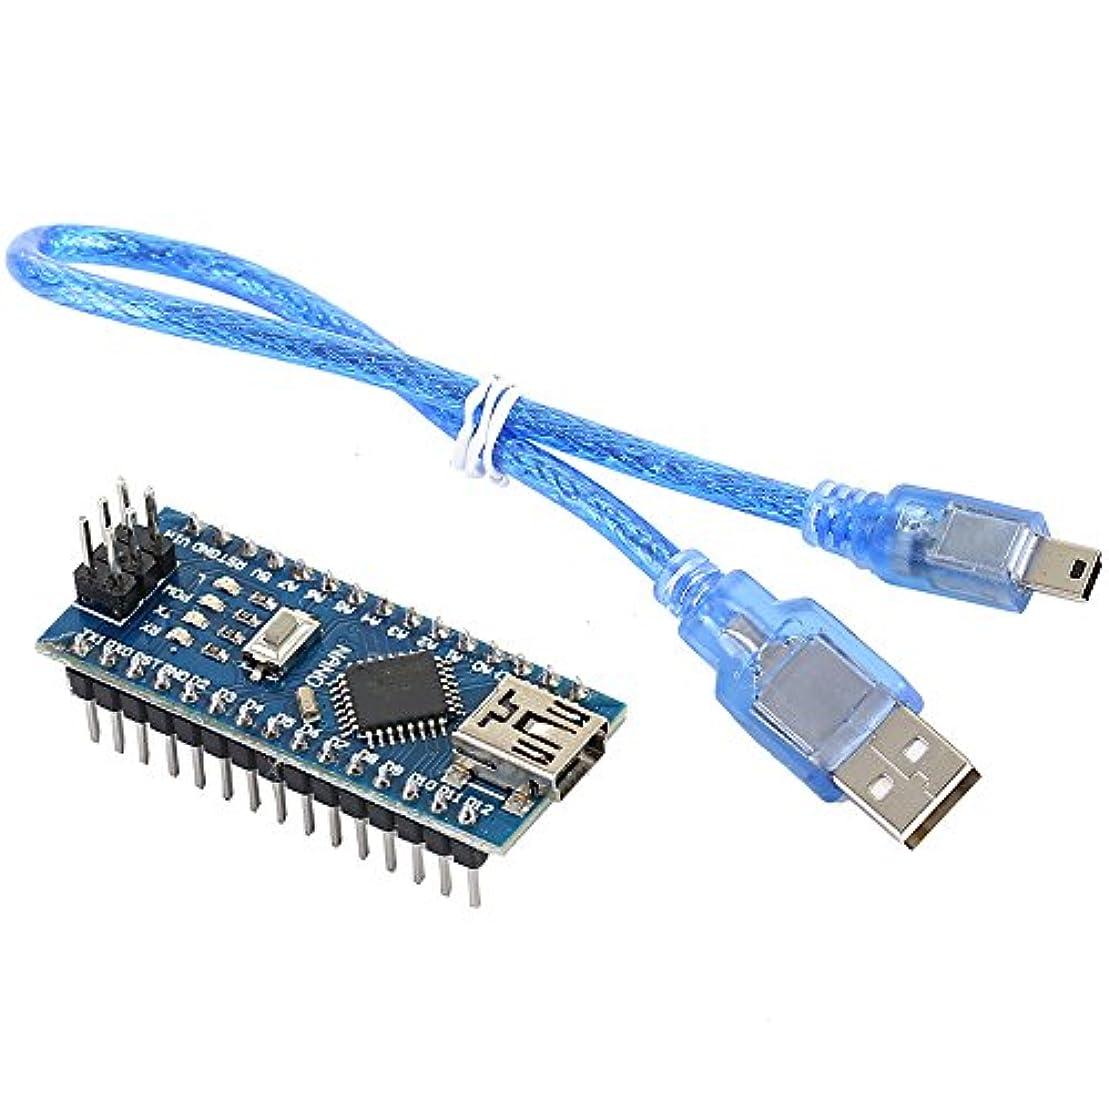 部門ブーム援助Yakamoz Nano v3 . 0 atmega328 ch340g Mini USB 16 M 5 Vマイクロコントローラドライバ開発ボードモジュールケーブル付きfor Arduino